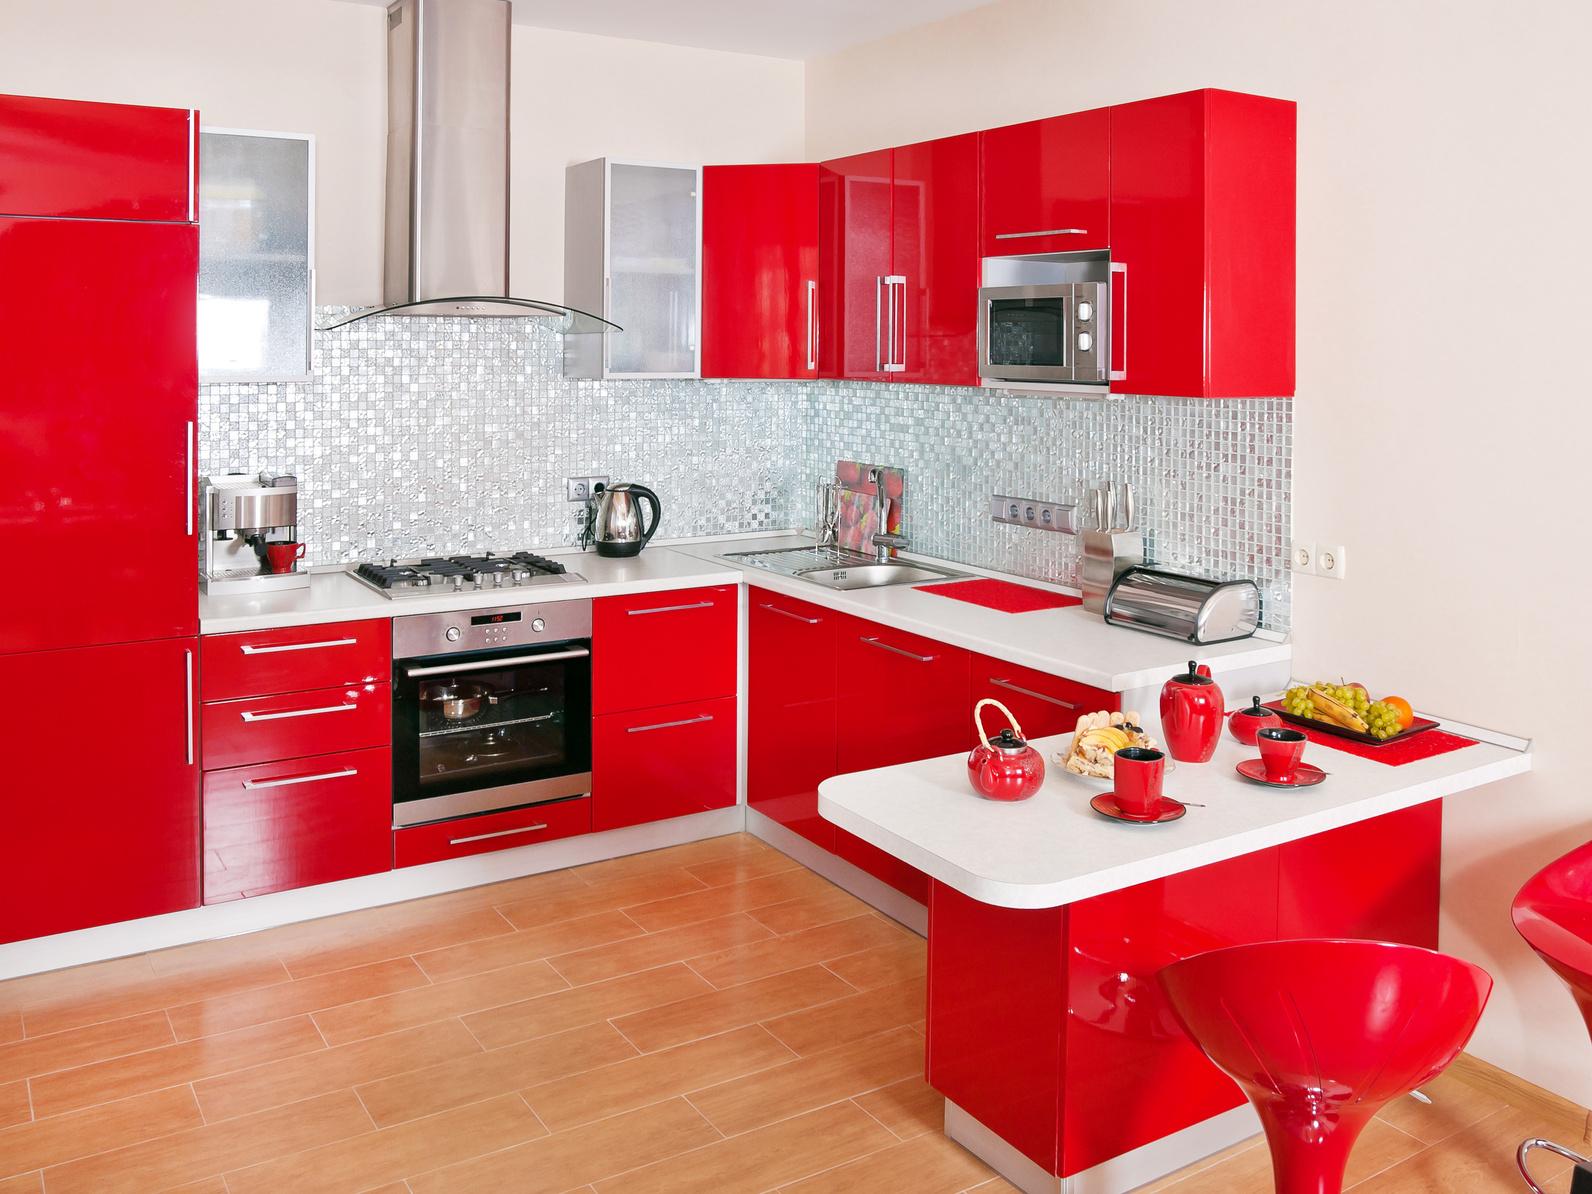 Eine Kleine Rote Hochglanzküche In U Form Mit Kleinem Sitzbereich.